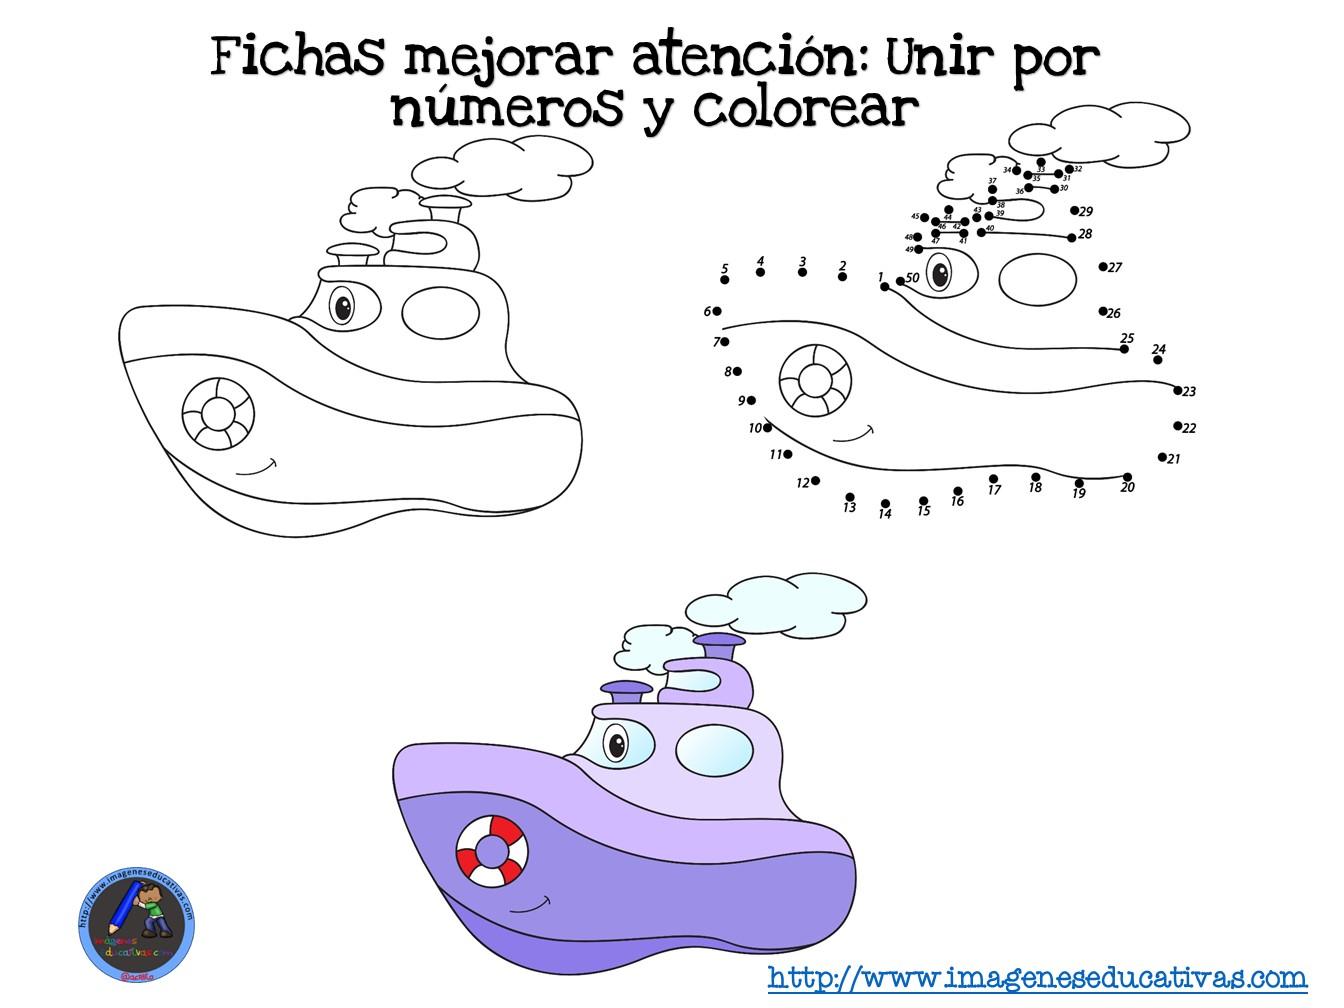 Fichas mejorar atención Unir por números y colorear (1) - Imagenes ...